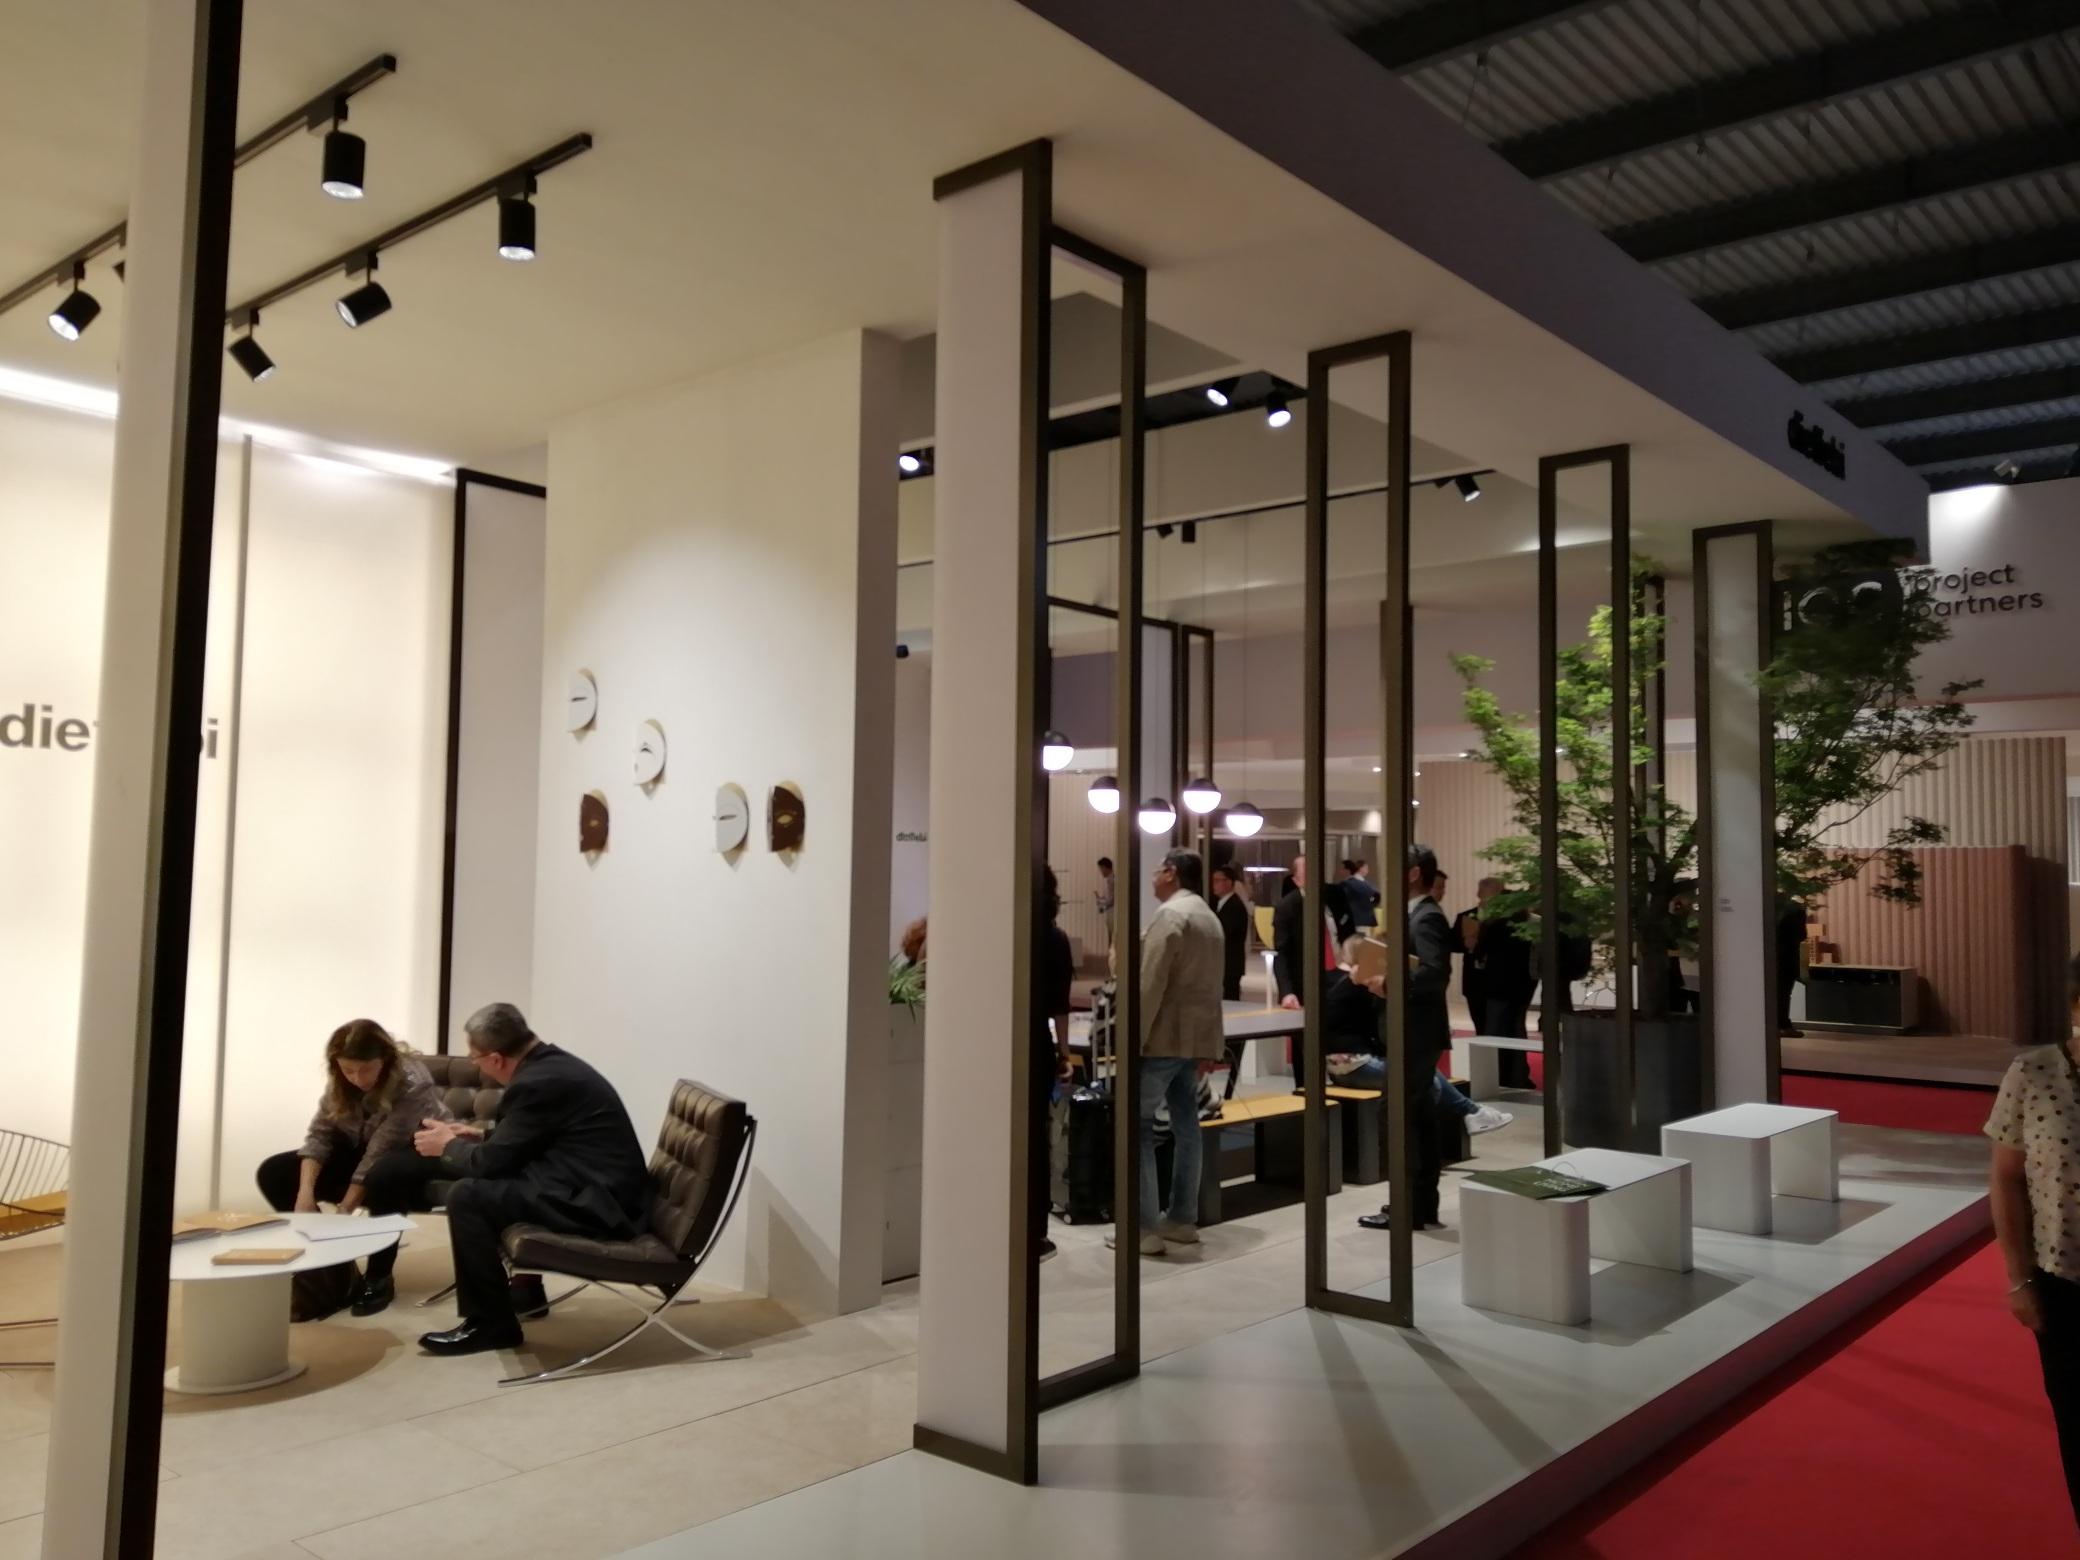 Salone del Mobile 2019, D-icon